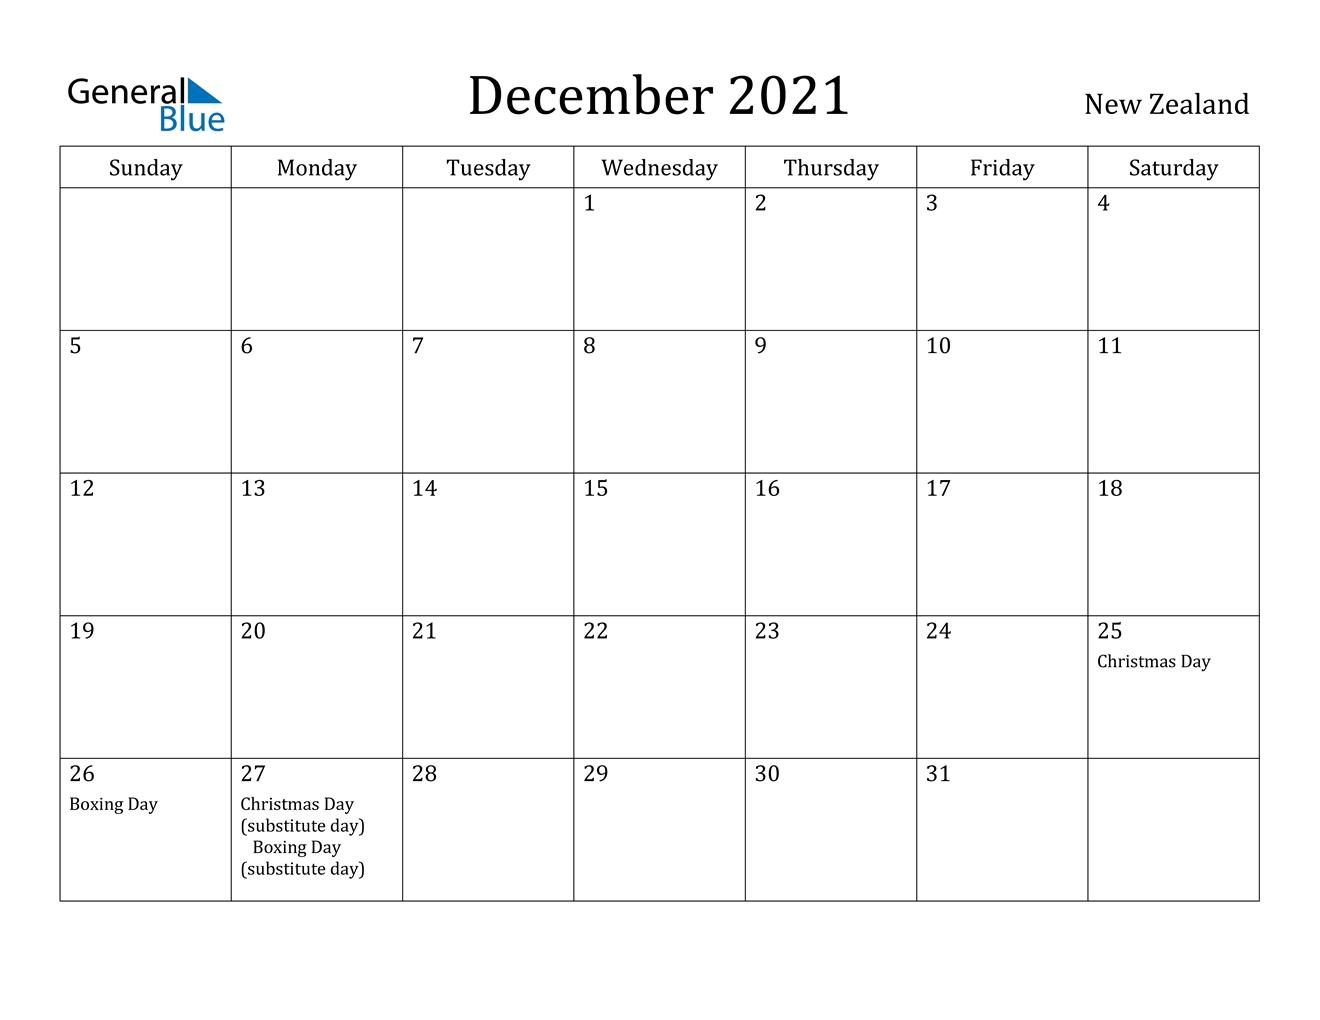 December 2021 Calendar - New Zealand August 2021 Calendar Nz